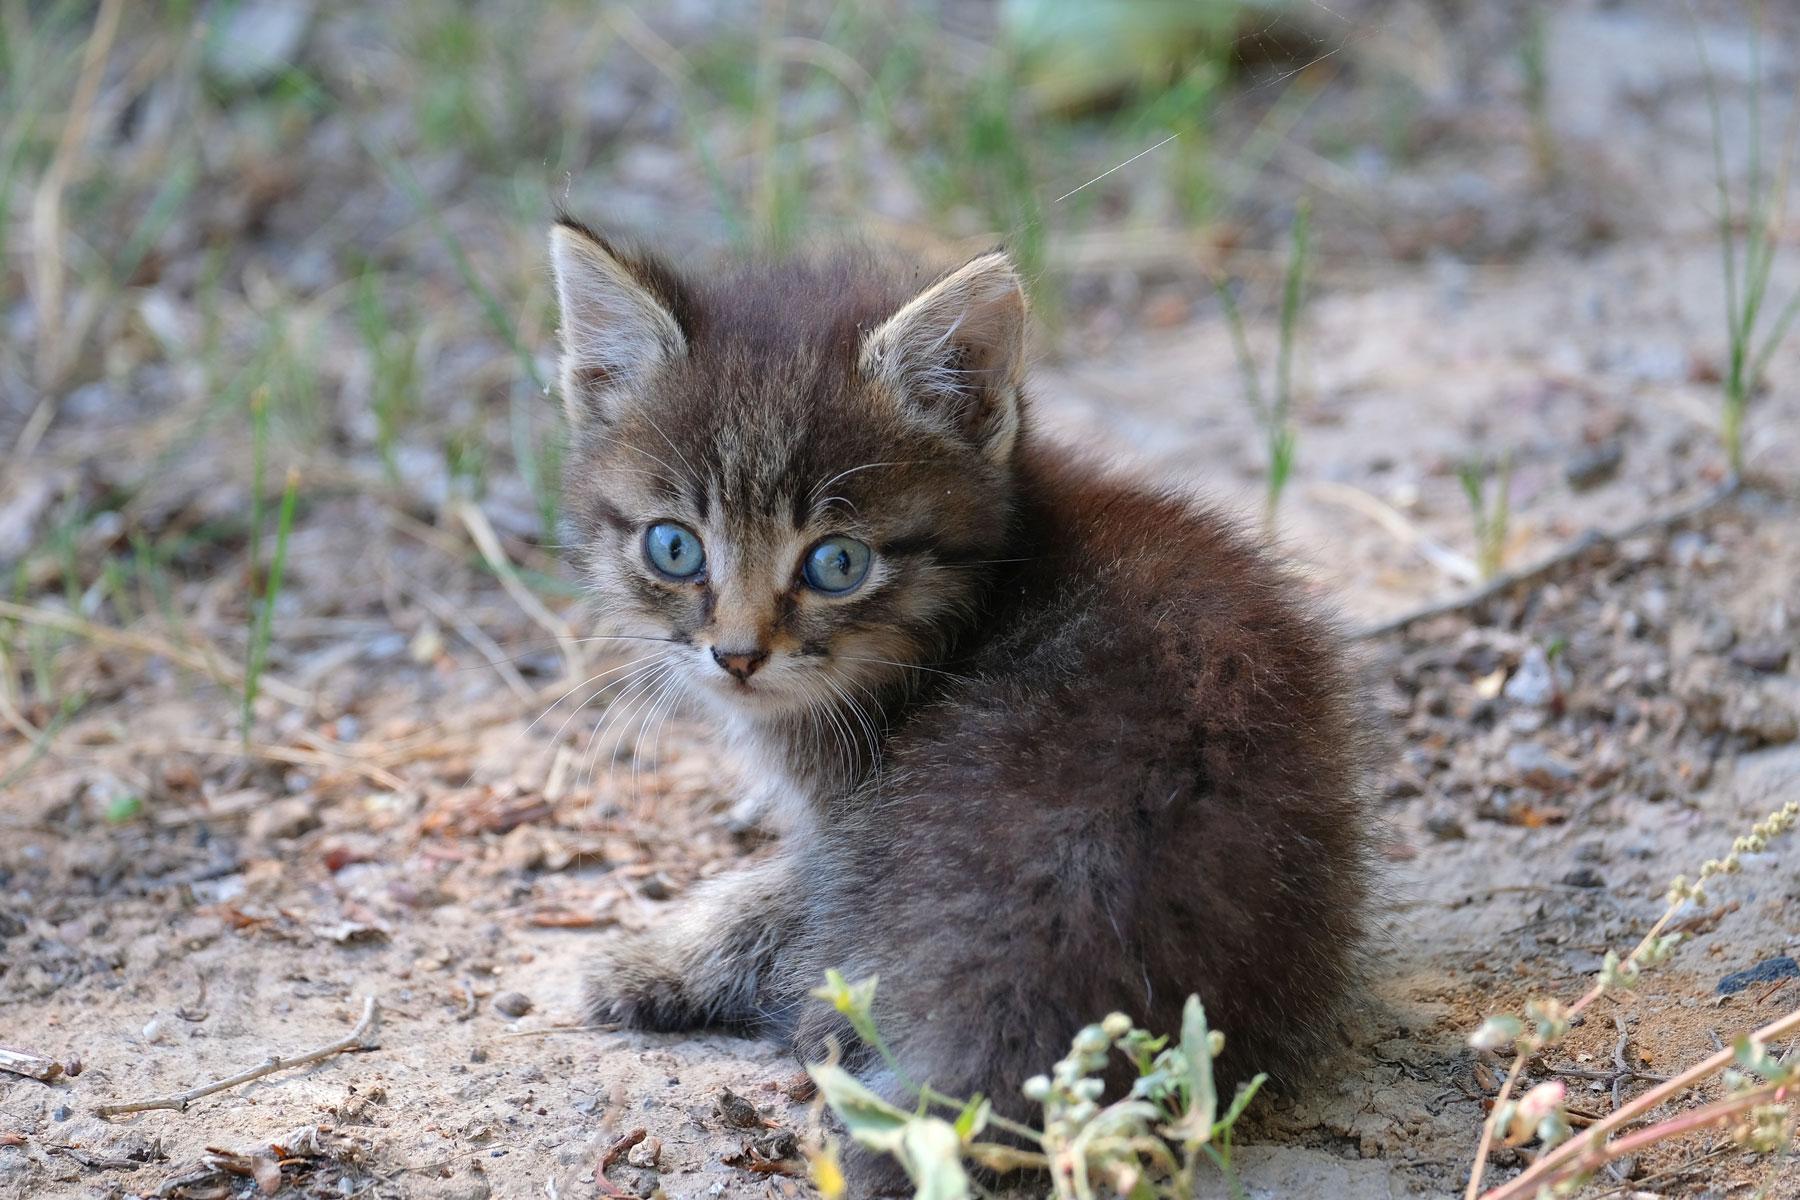 Ein Kätzchen mit blauen Augen.